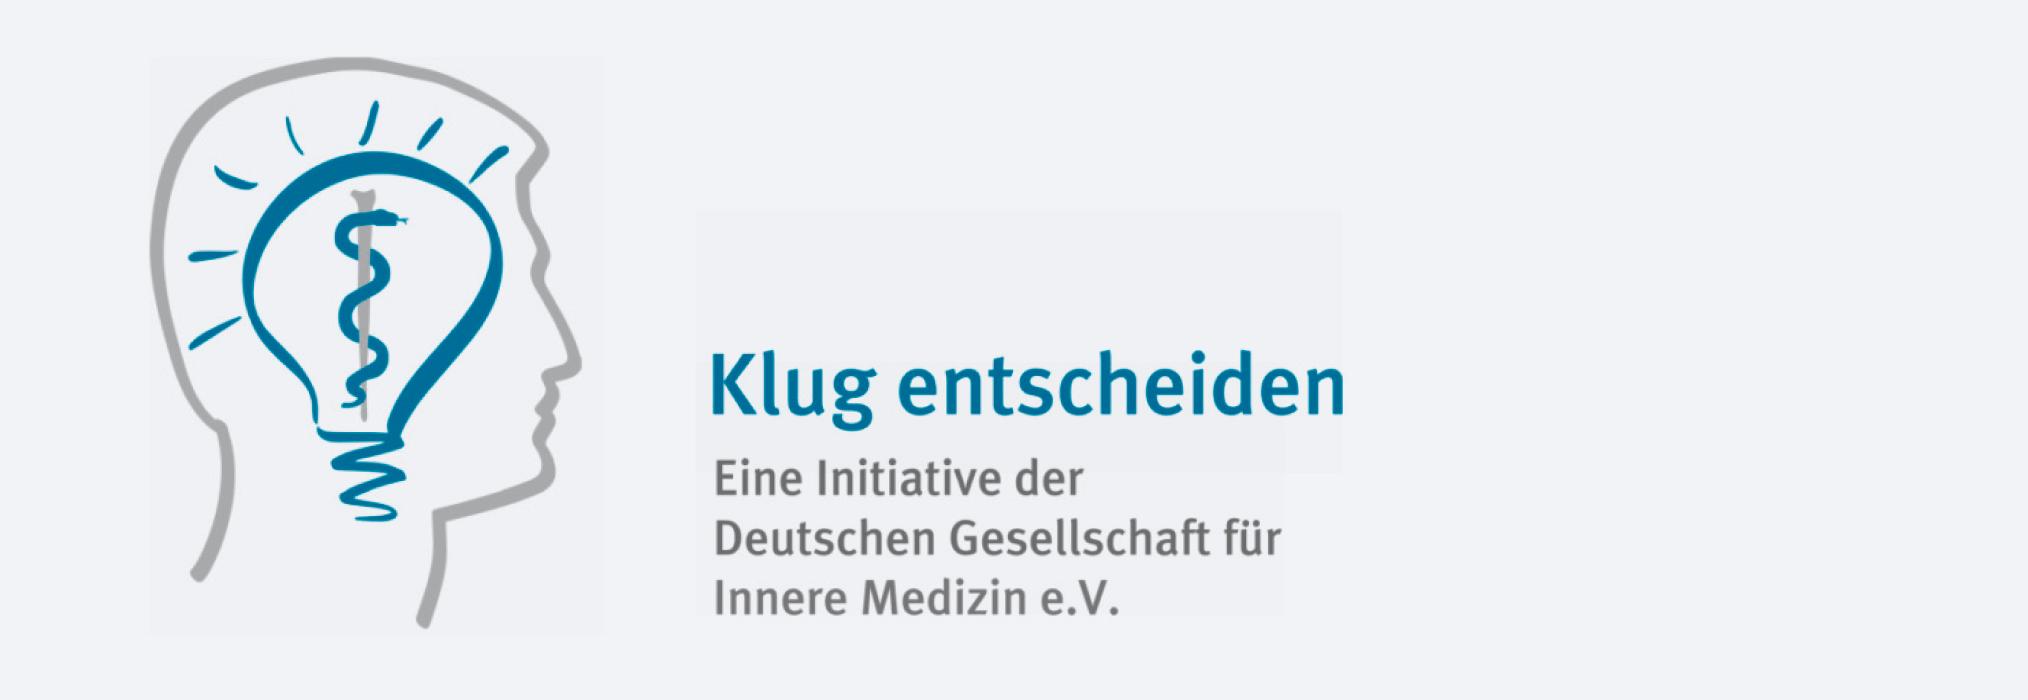 klug-entscheiden-header_2028x700_